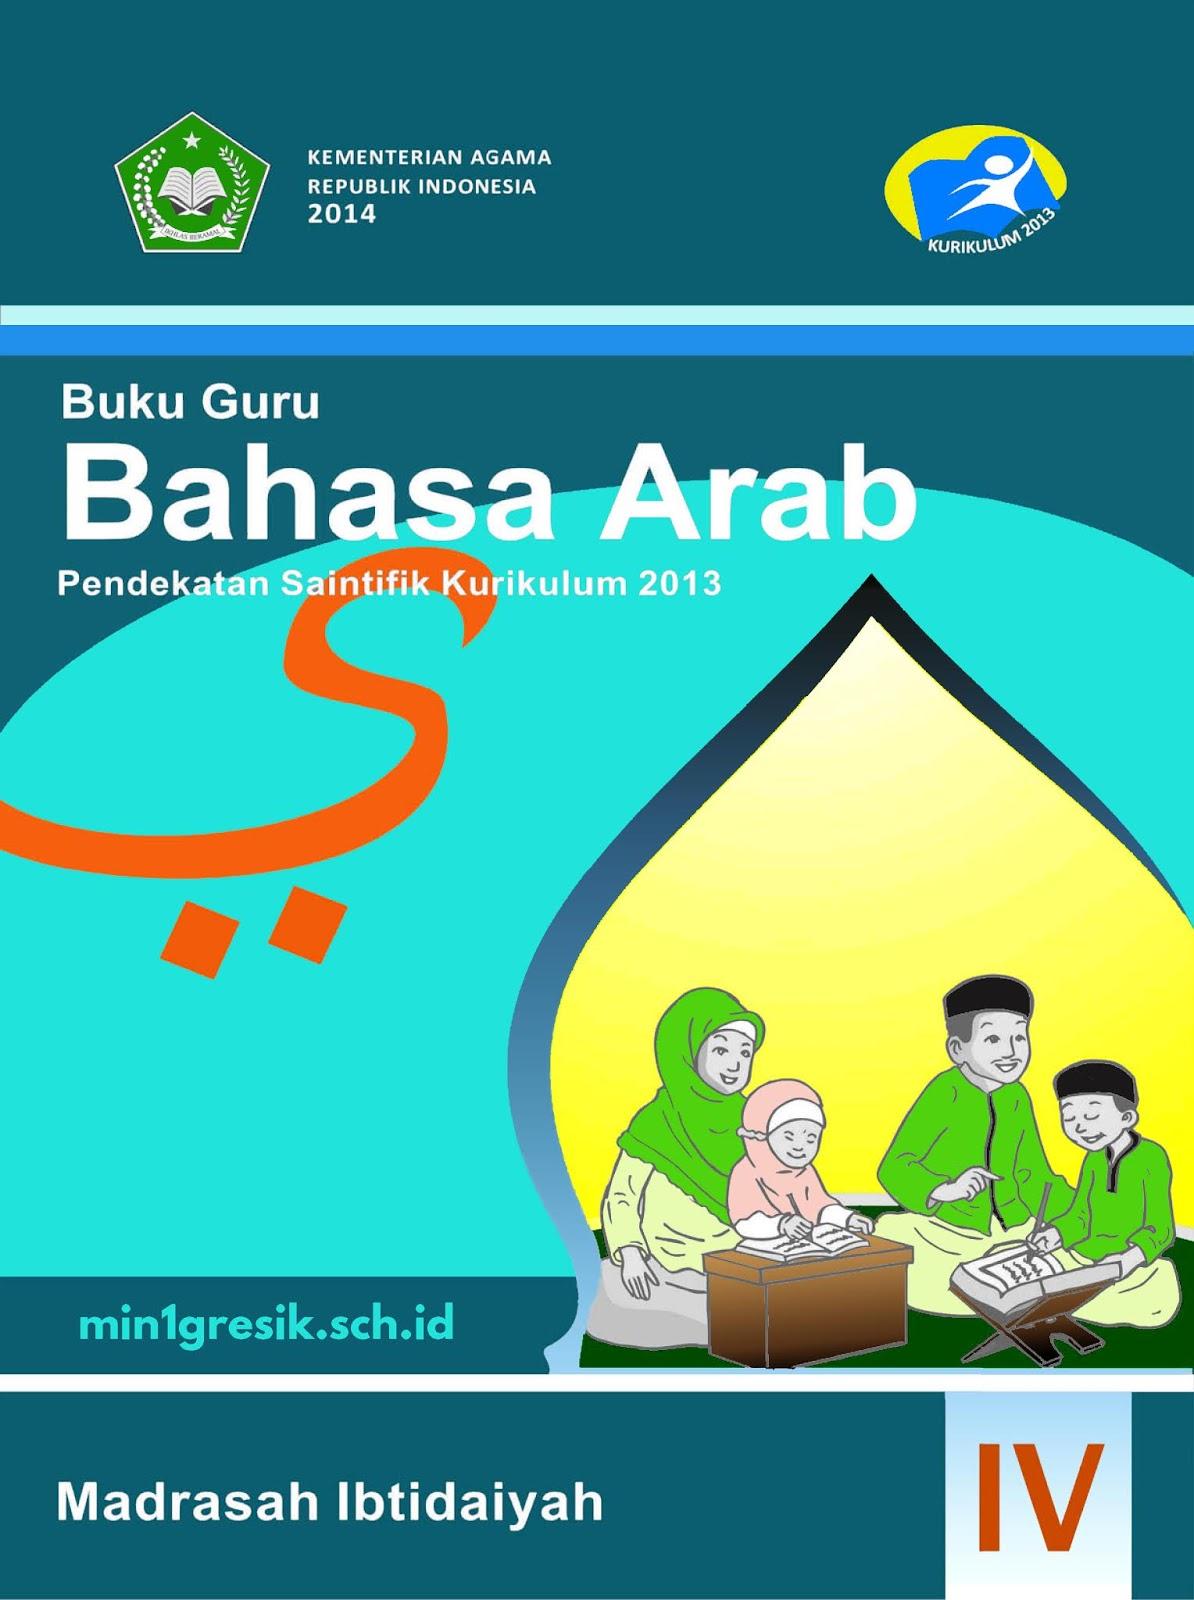 Buku Guru Pelajaran Bahasa Arab Kelas 4 Madrasah Ibtidaiyah Mi Pendekatan Saintifik Kurikulum 2013 Edisi Tahun 2014 Min 1 Gresik